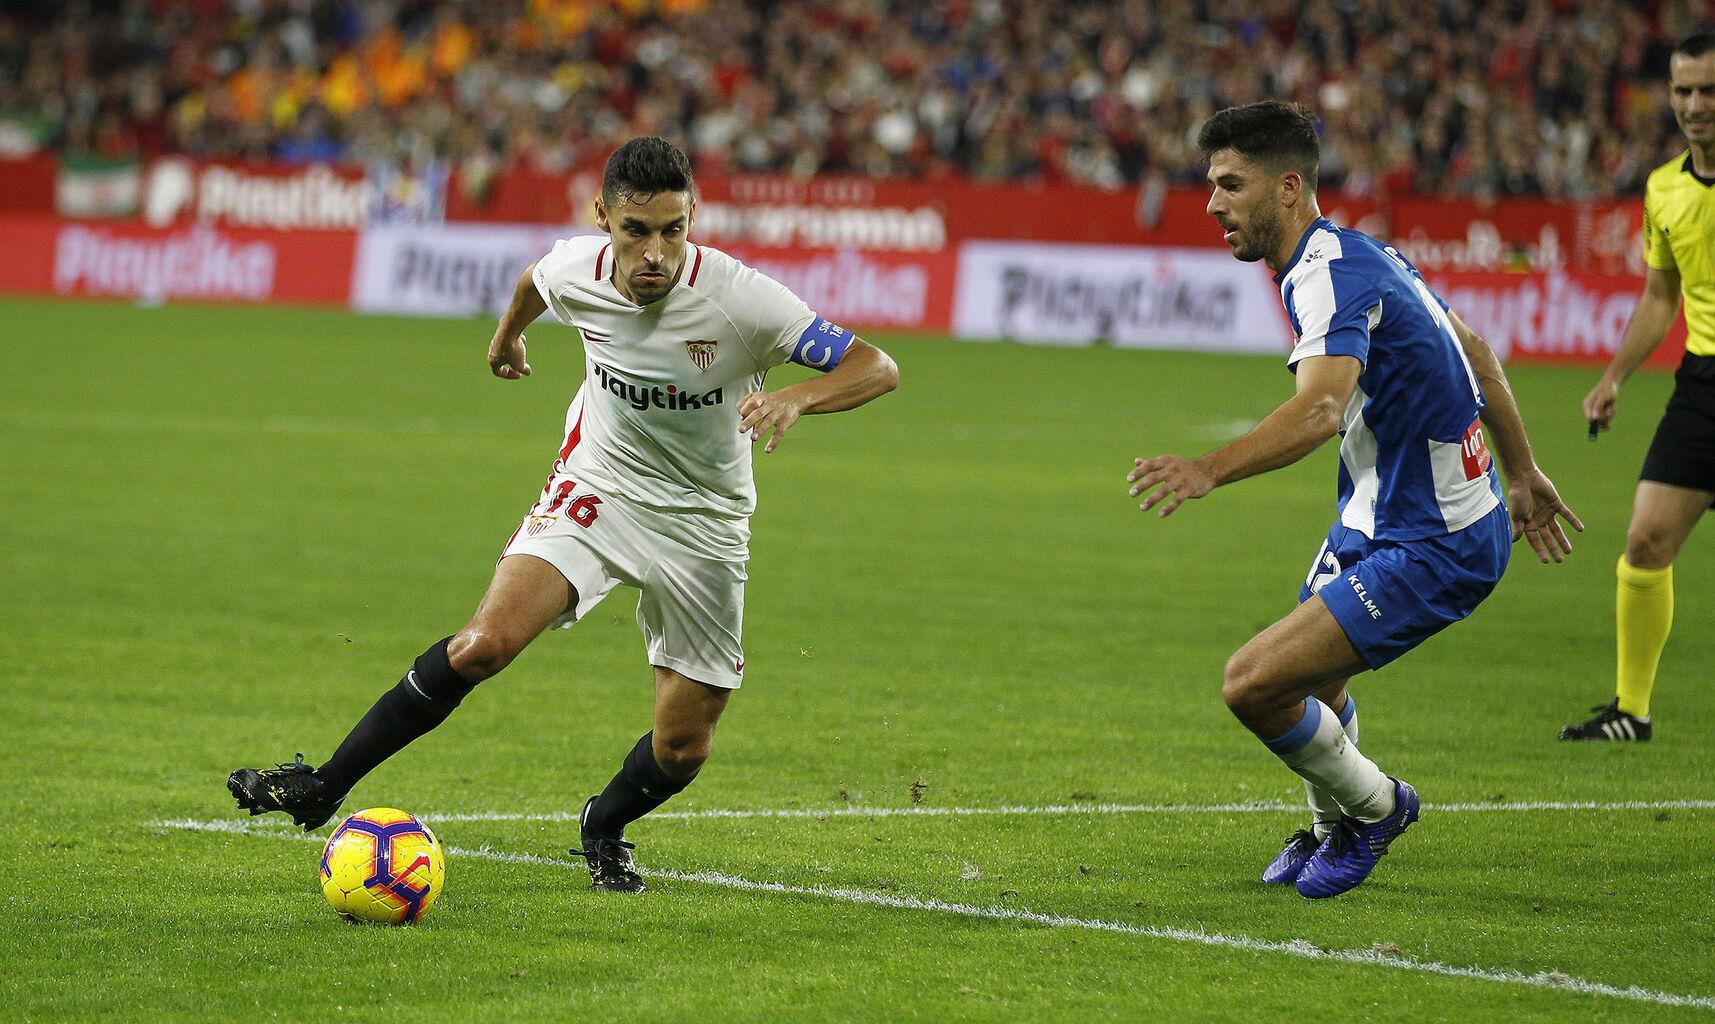 Calendario Sevilla Fc 2020.El Calendario Completo Del Sevilla Fc Para Laliga 2019 2020